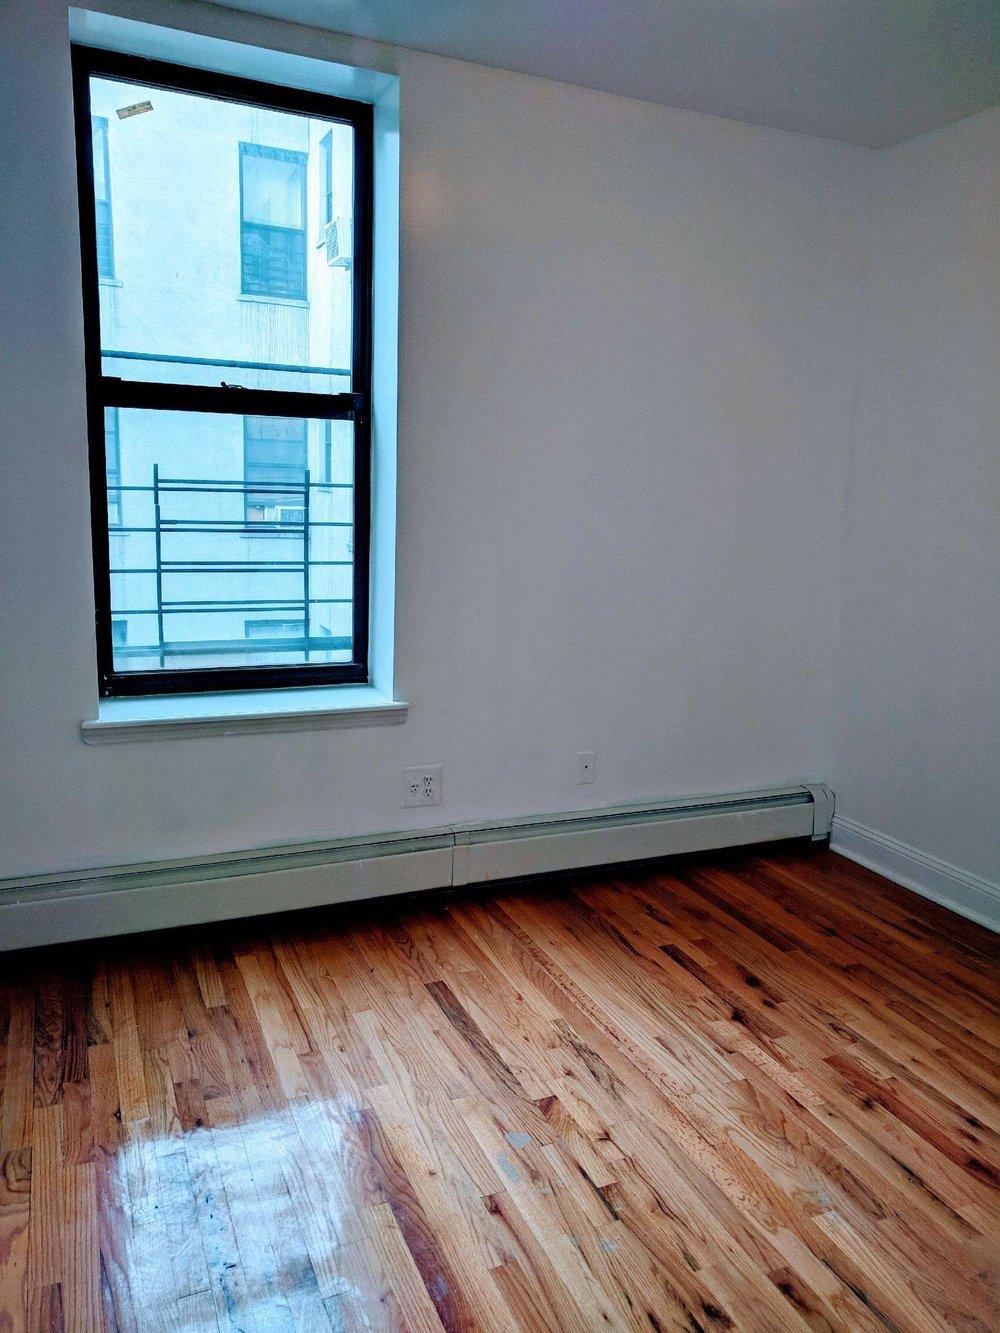 610 W 136 St bedroom